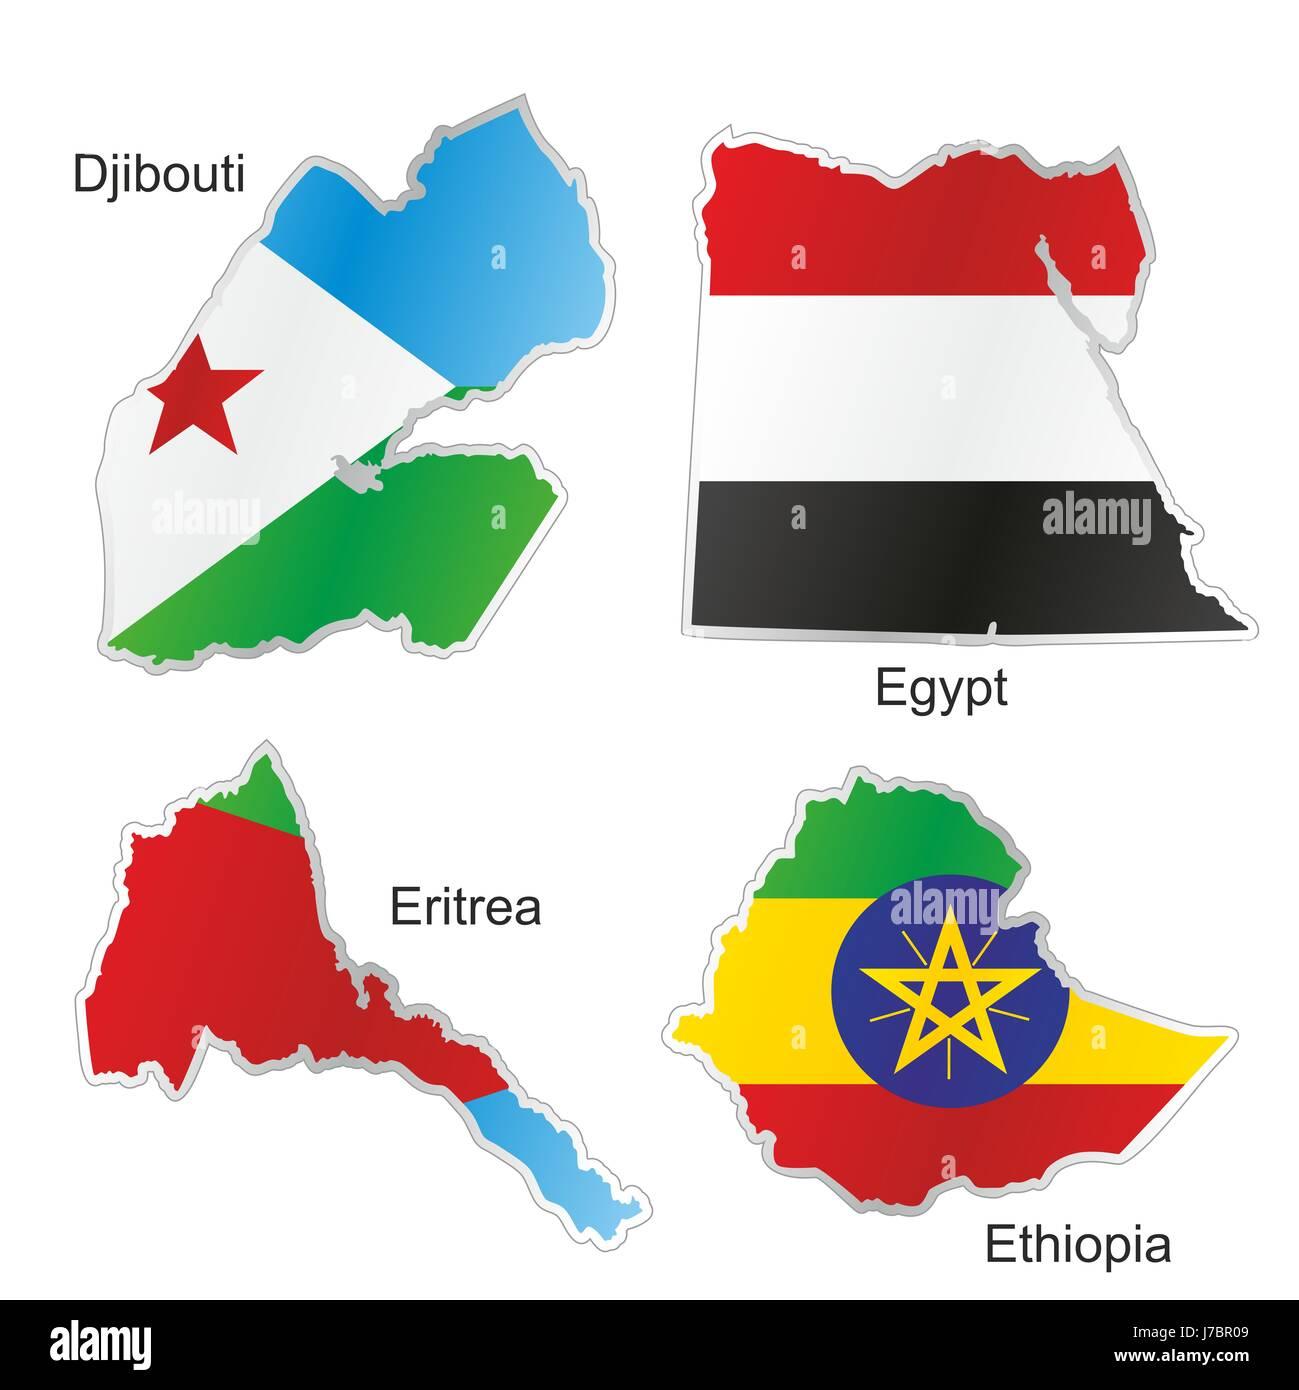 Tunesien Karte Welt.Afrika Tunesien Flagge Simbabwe Sambia Uganda Atlas Karte Von Der